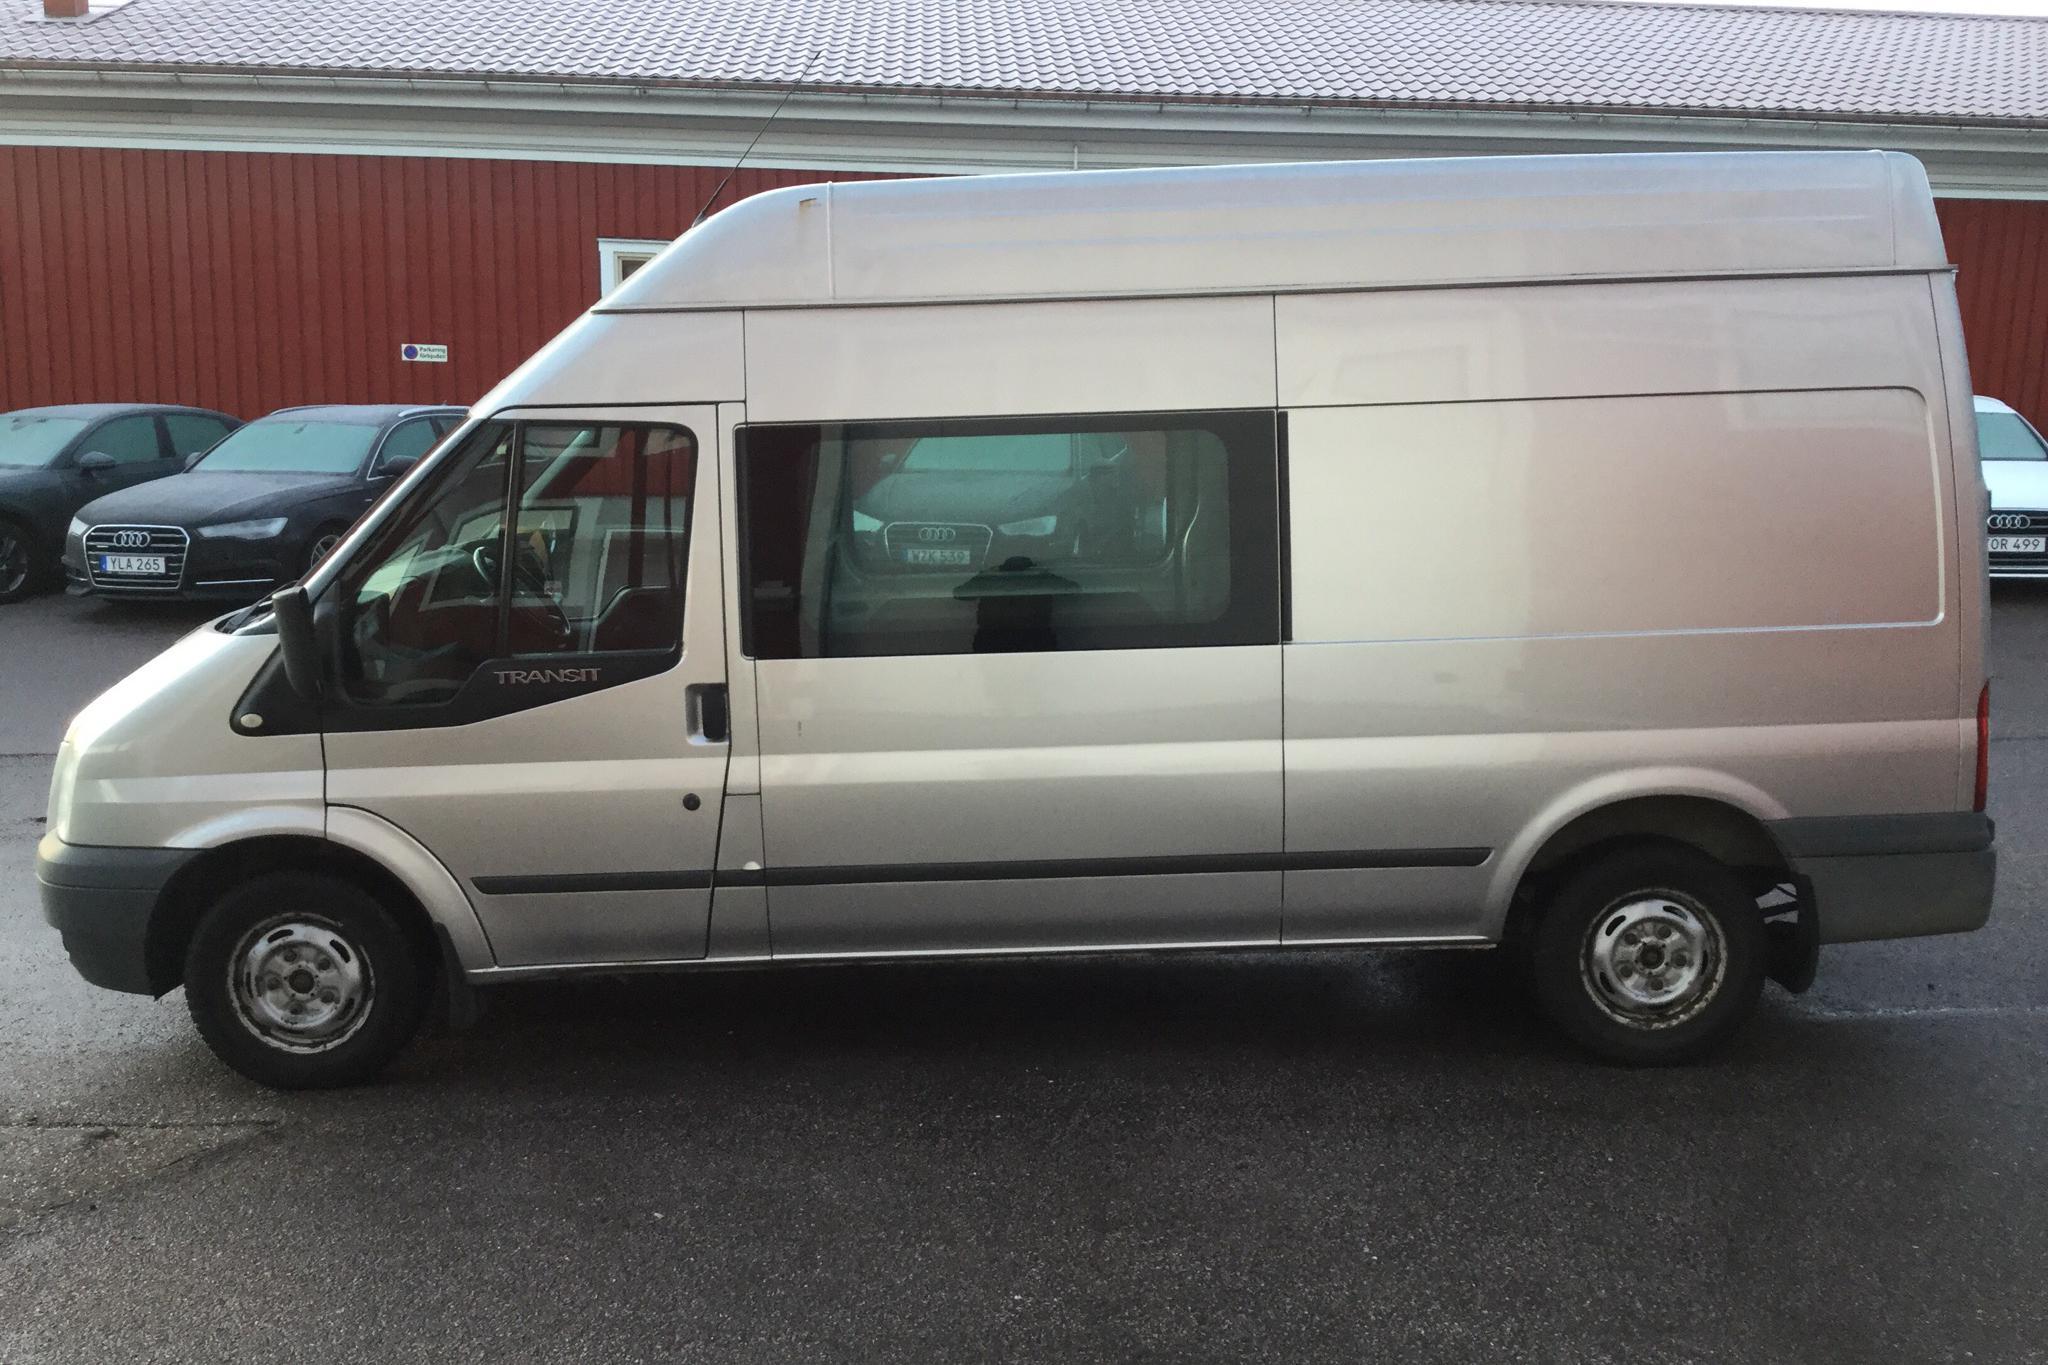 Ford Transit 300 2.2 TDCi Skåp (140hk) - 90 980 km - Manual - gray - 2009